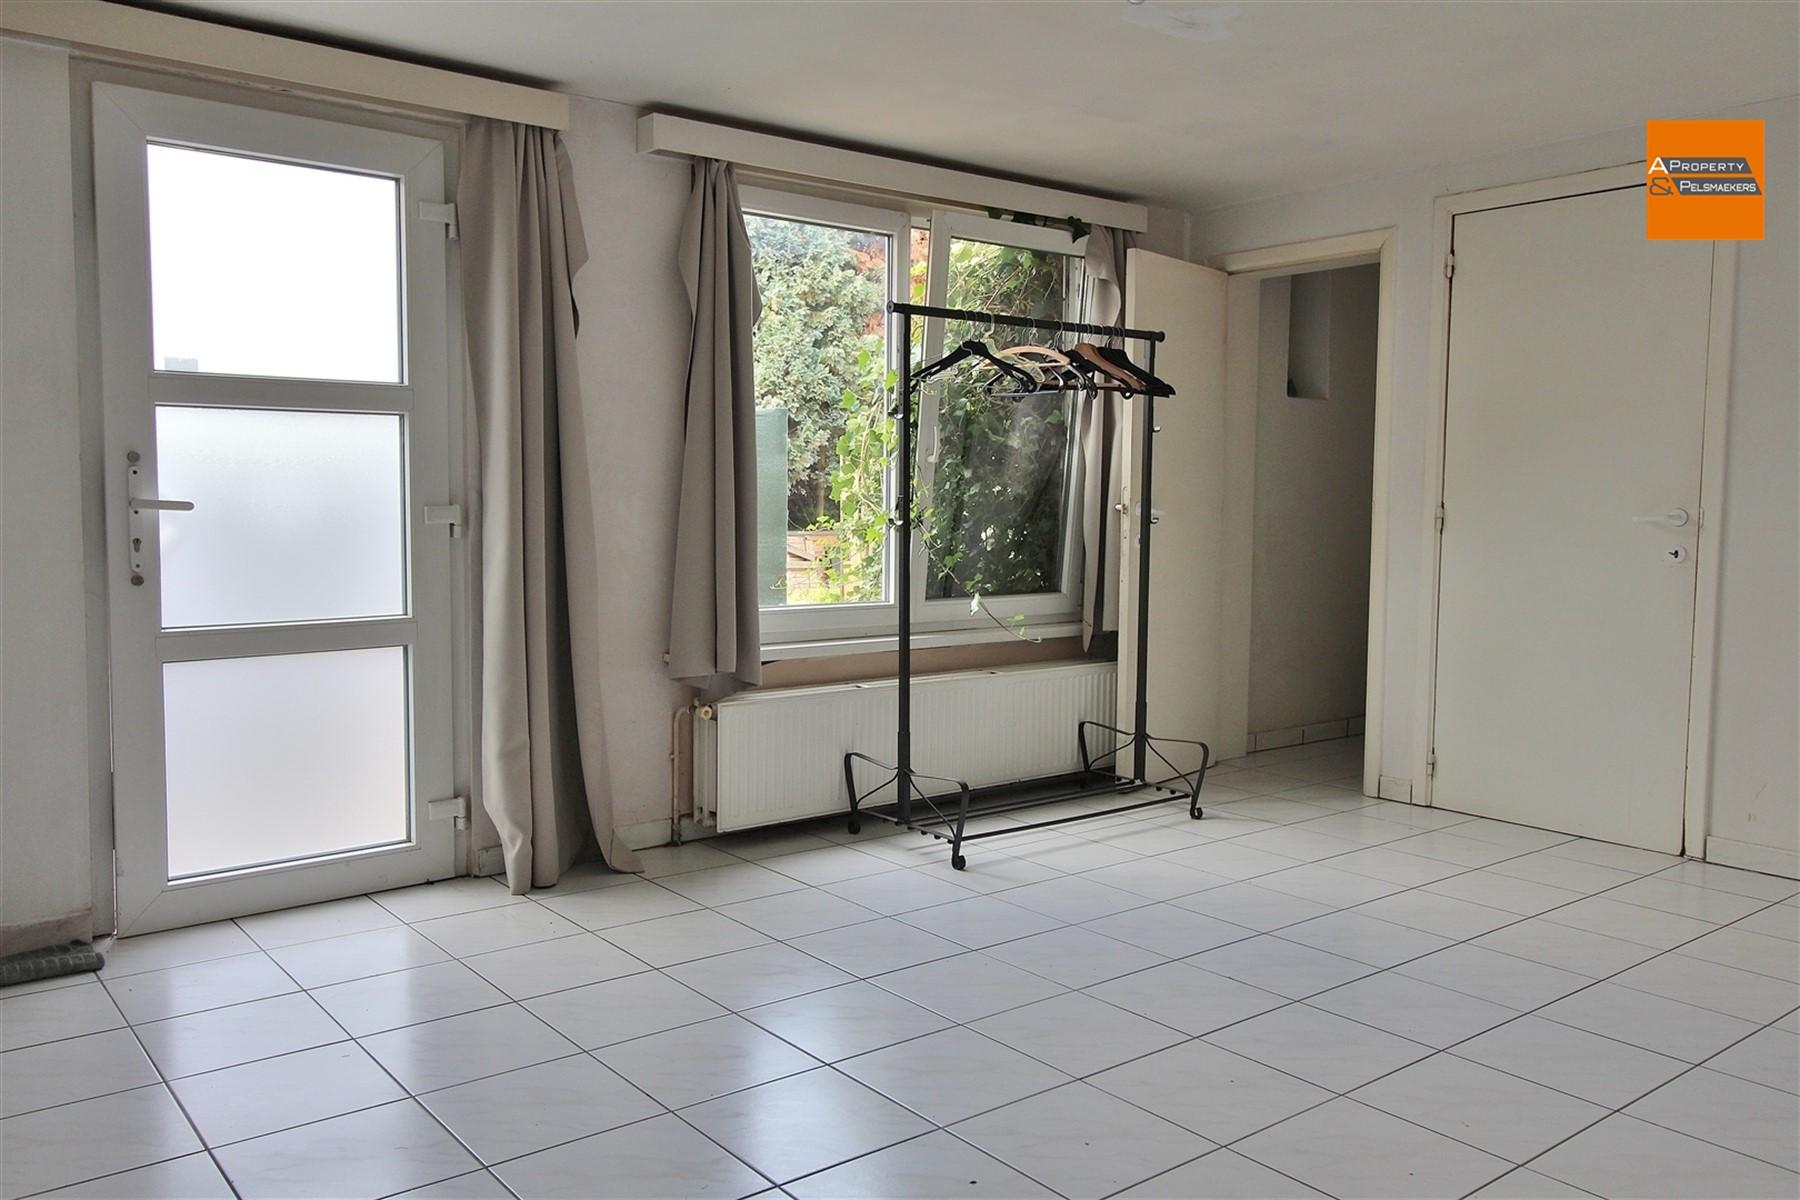 Foto 3 : Appartement in 3071 ERPS-KWERPS (België) - Prijs € 750